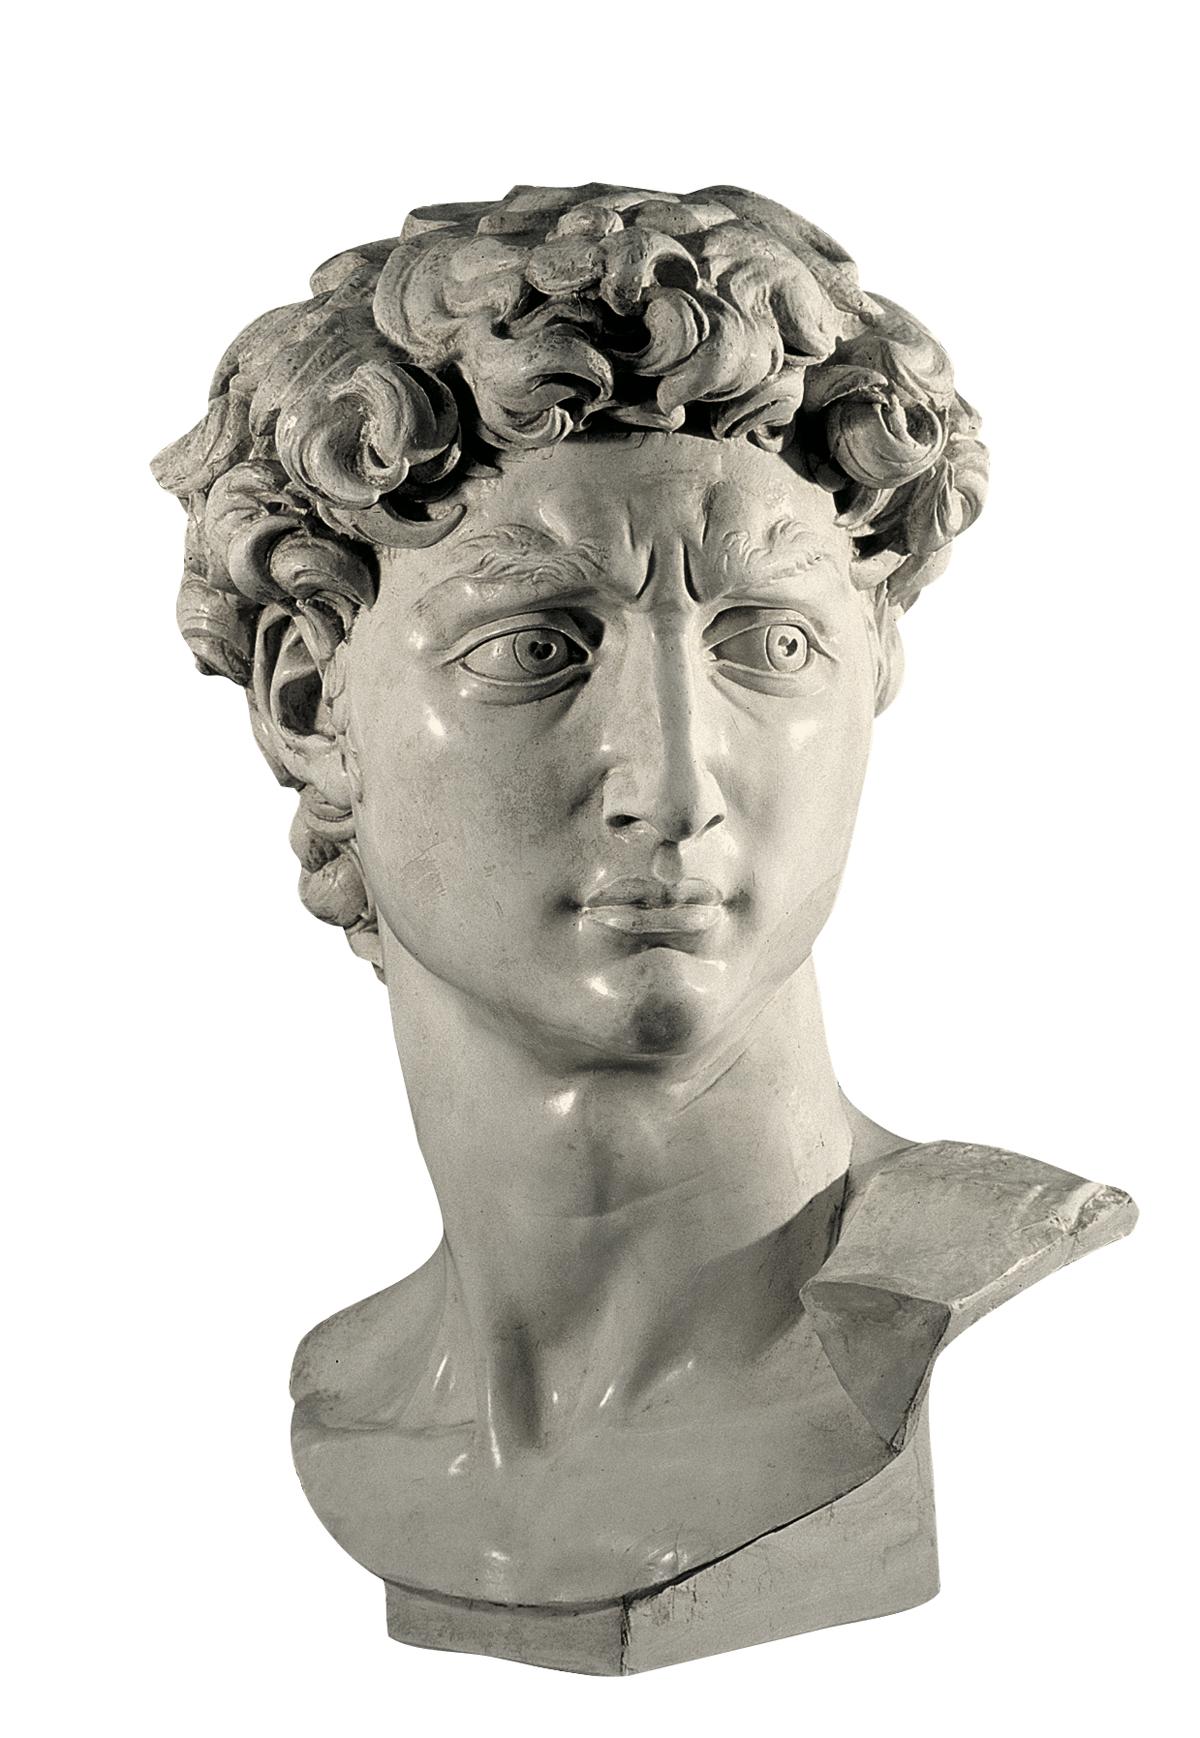 Testa del David di Michelangelo (copia in gesso)